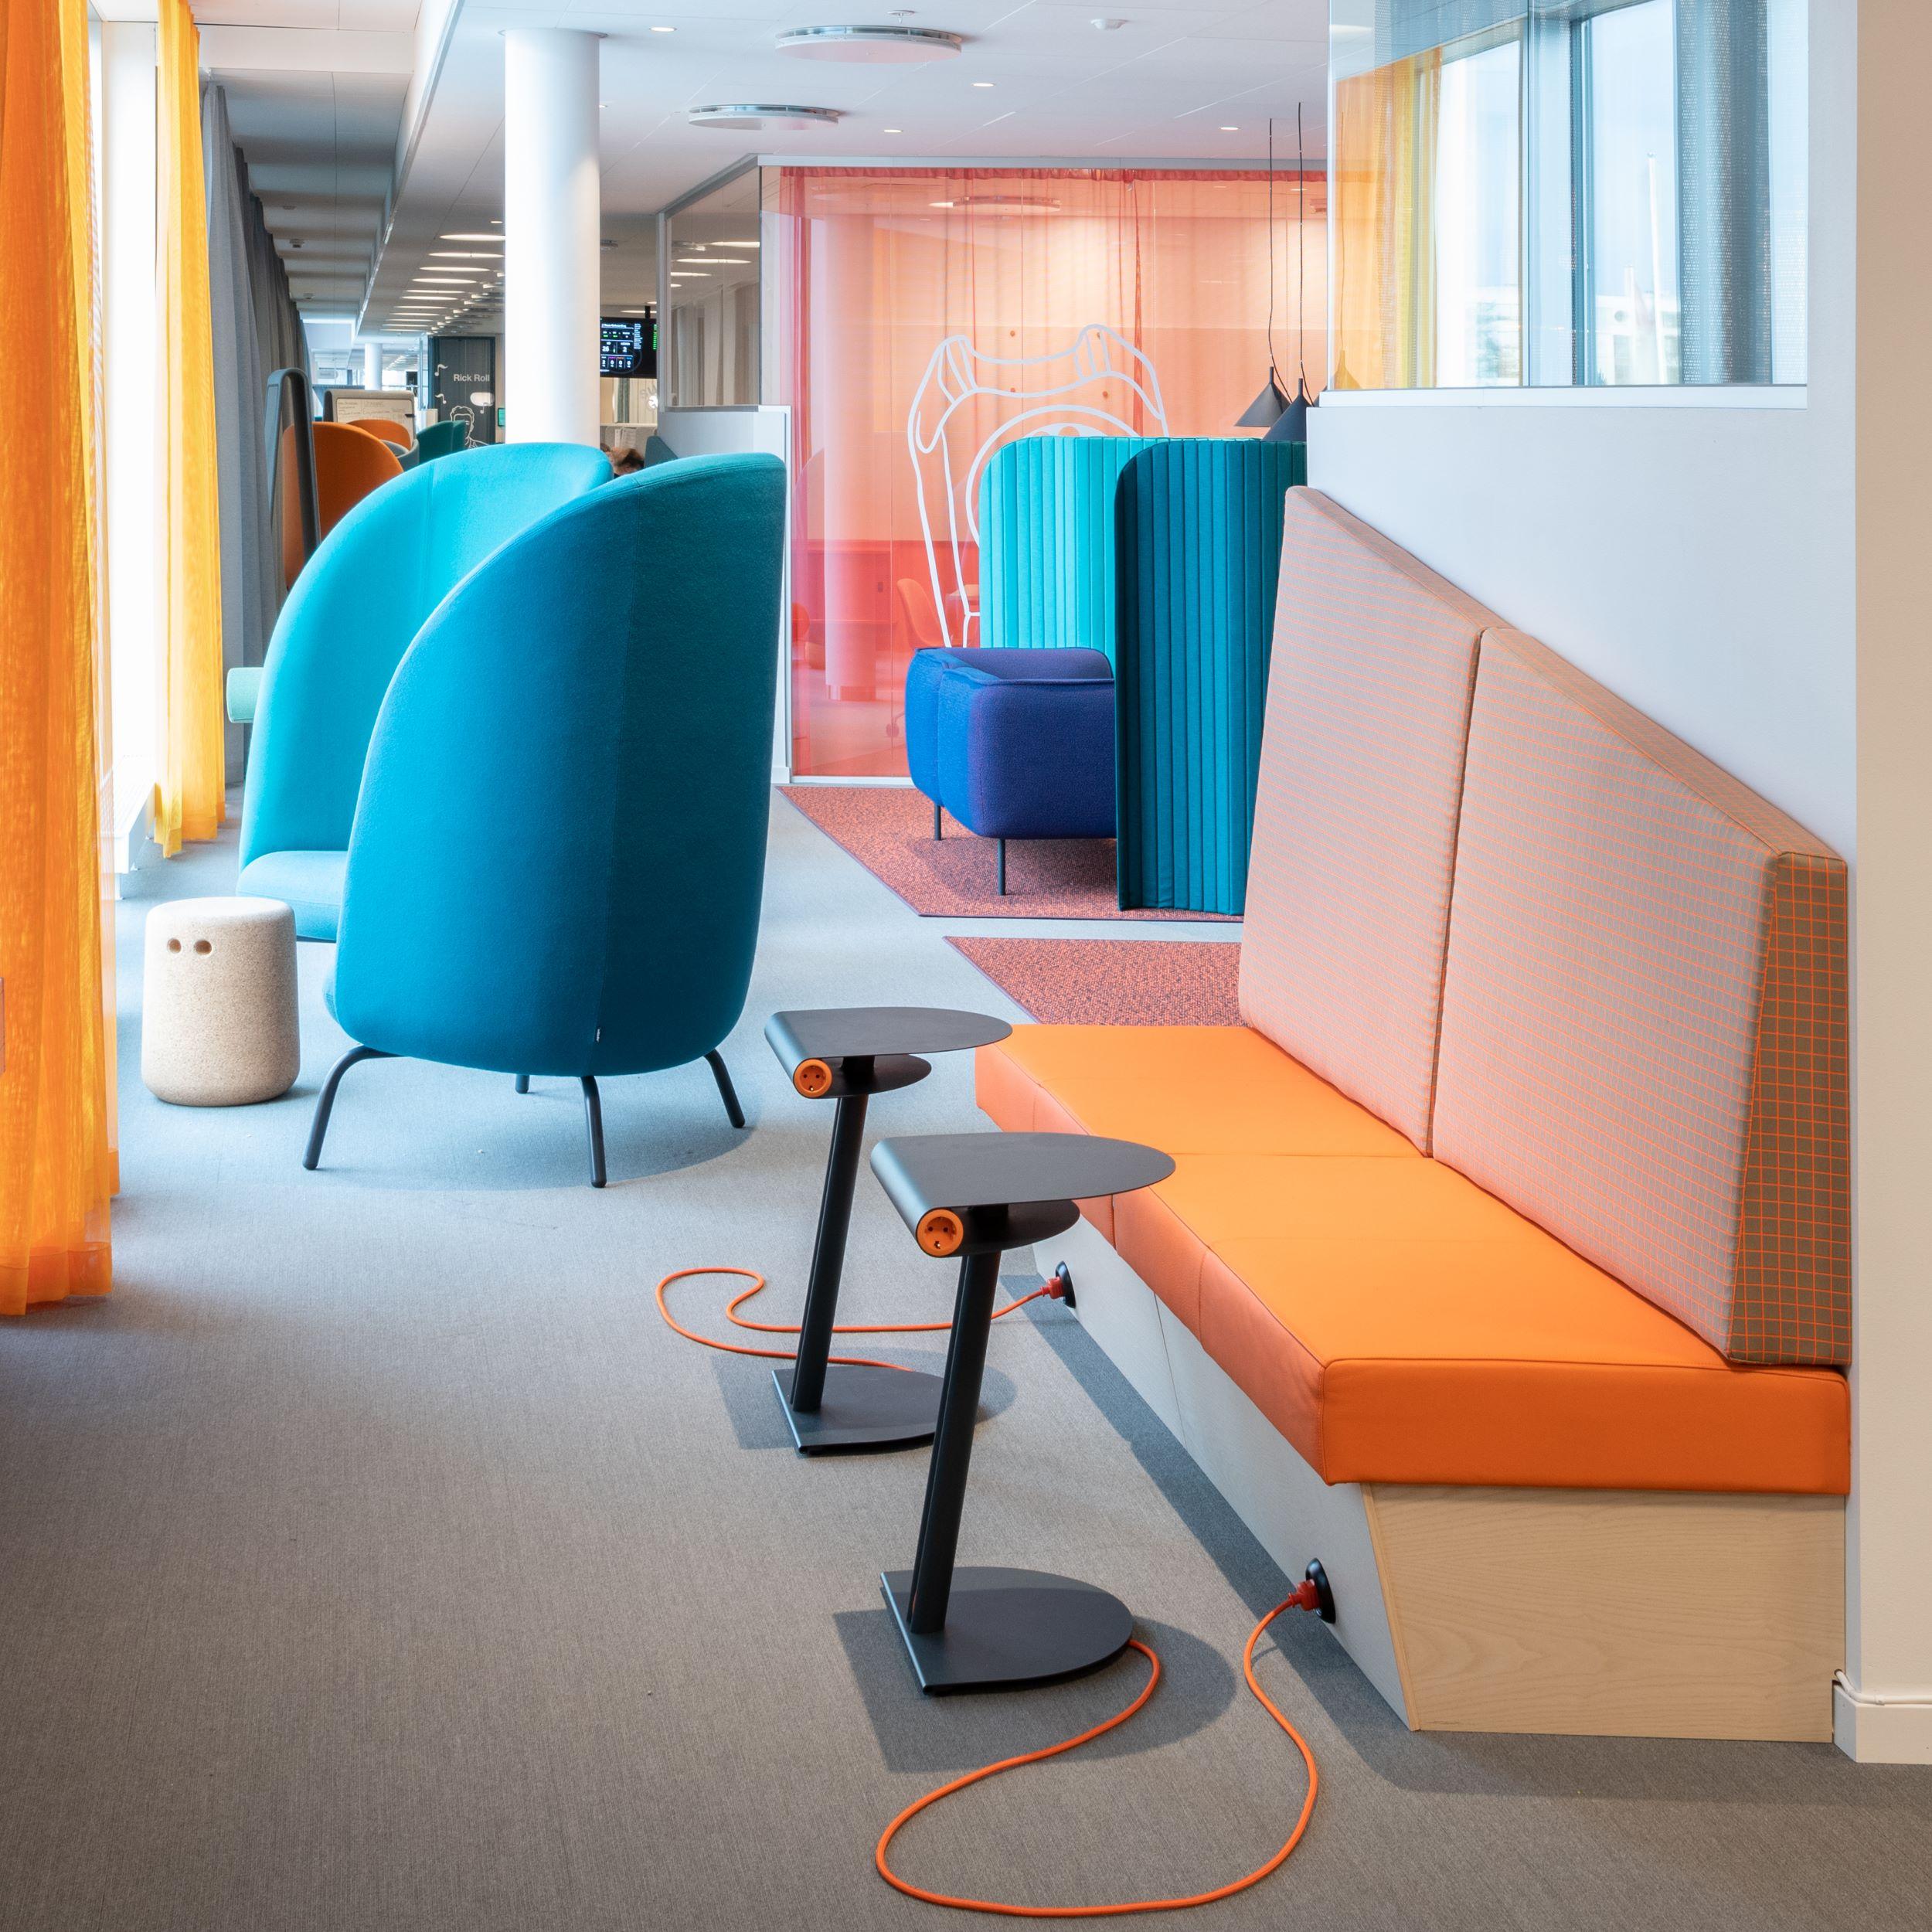 Studio-Stockholm-Lindelöfs-Office-Stockholm-Sweden-offecct-14459.jpg